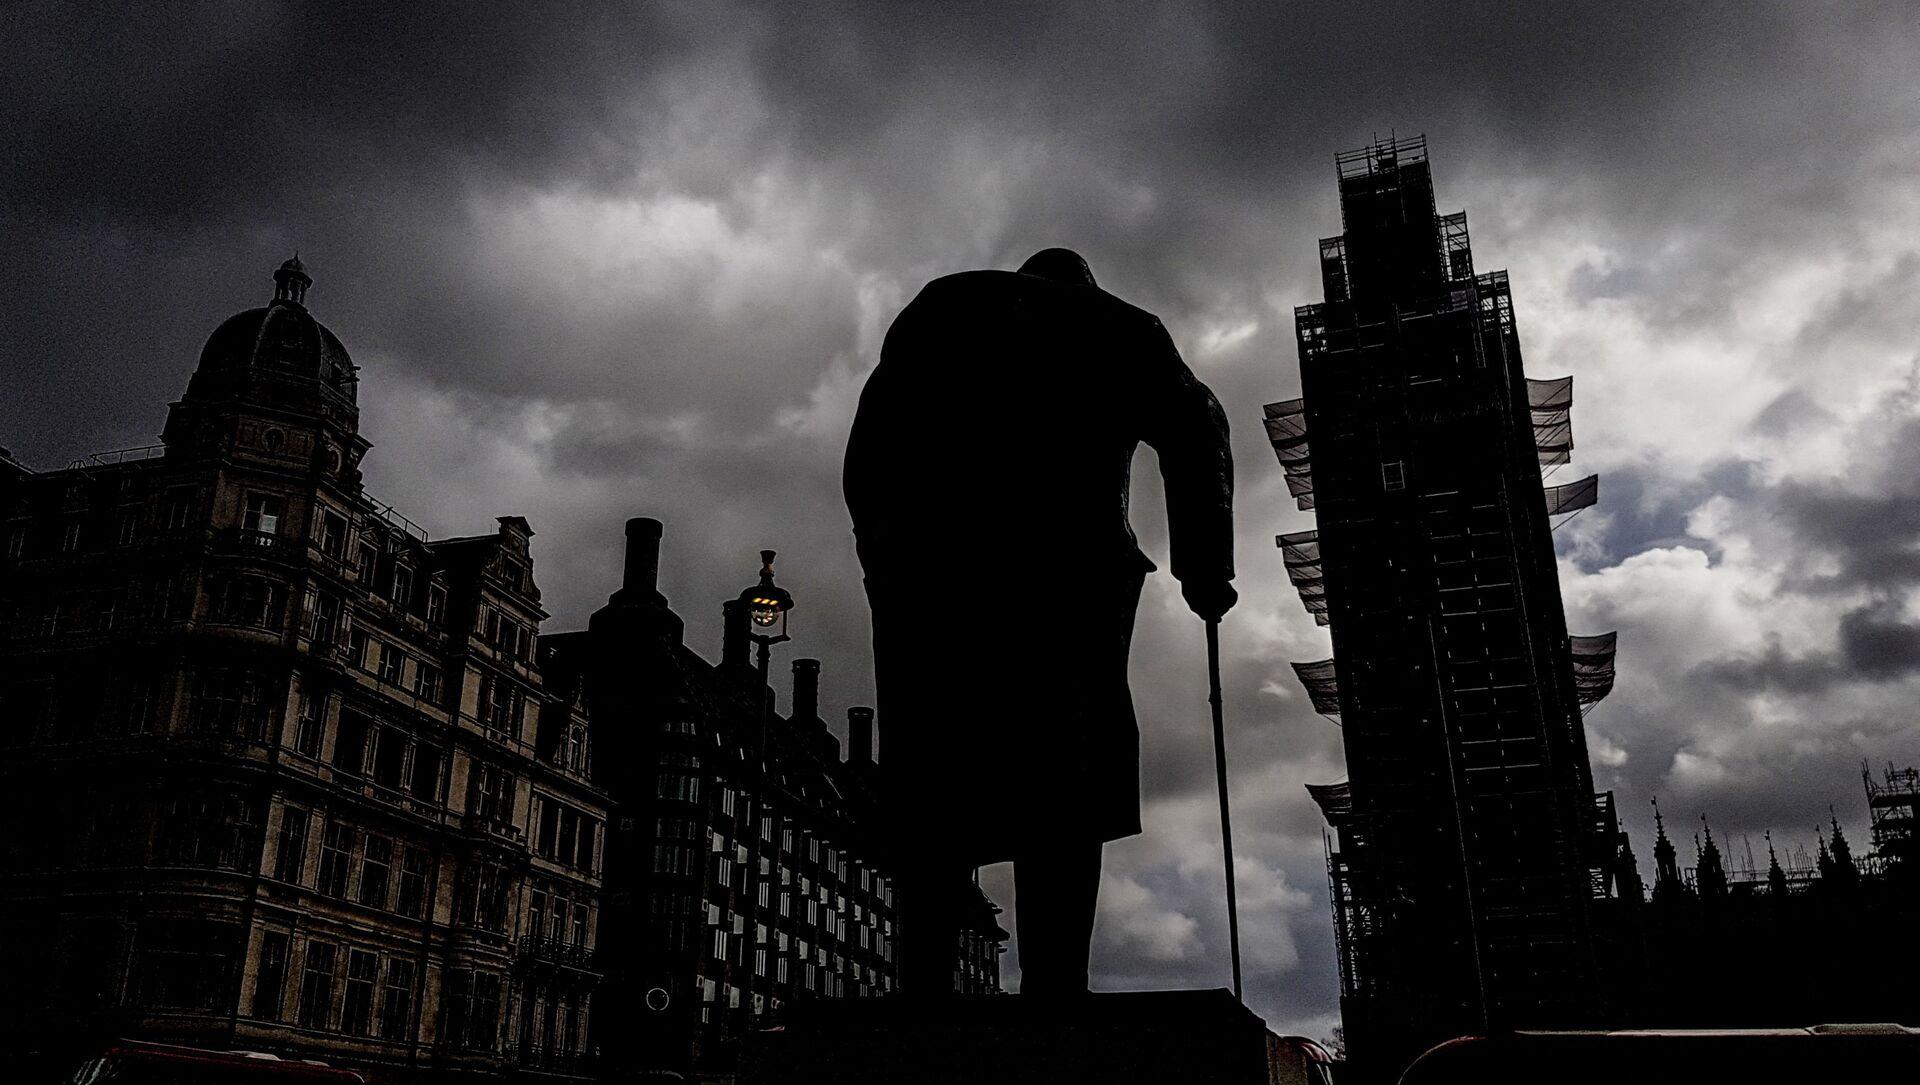 Памятник бывшему премьер-министру Великобритании Уинстону Черчиллю (скульптор Айвор Роберт-Джонс) на Парламентской площади и башня Вестминстерского дворца (Биг-Бен) во время ремонта - Sputnik Latvija, 1920, 03.05.2021